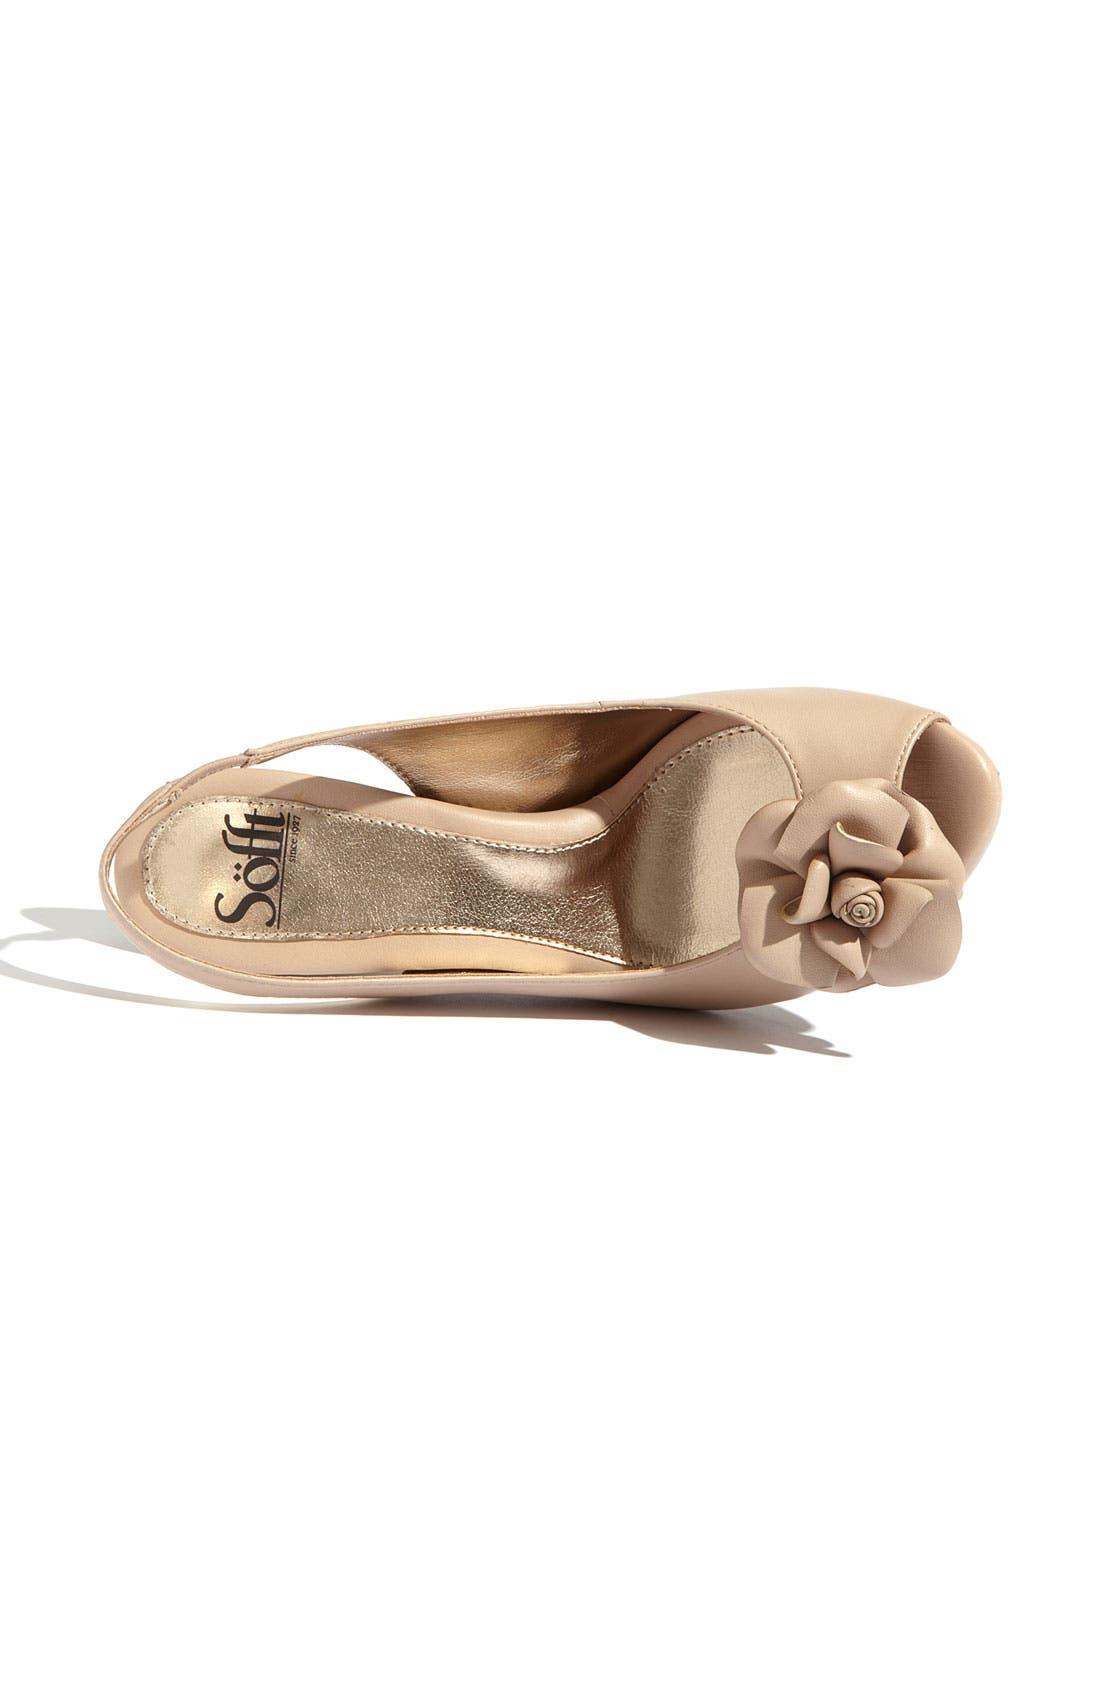 Alternate Image 3  - Söfft 'Gironne' Slingback Sandal